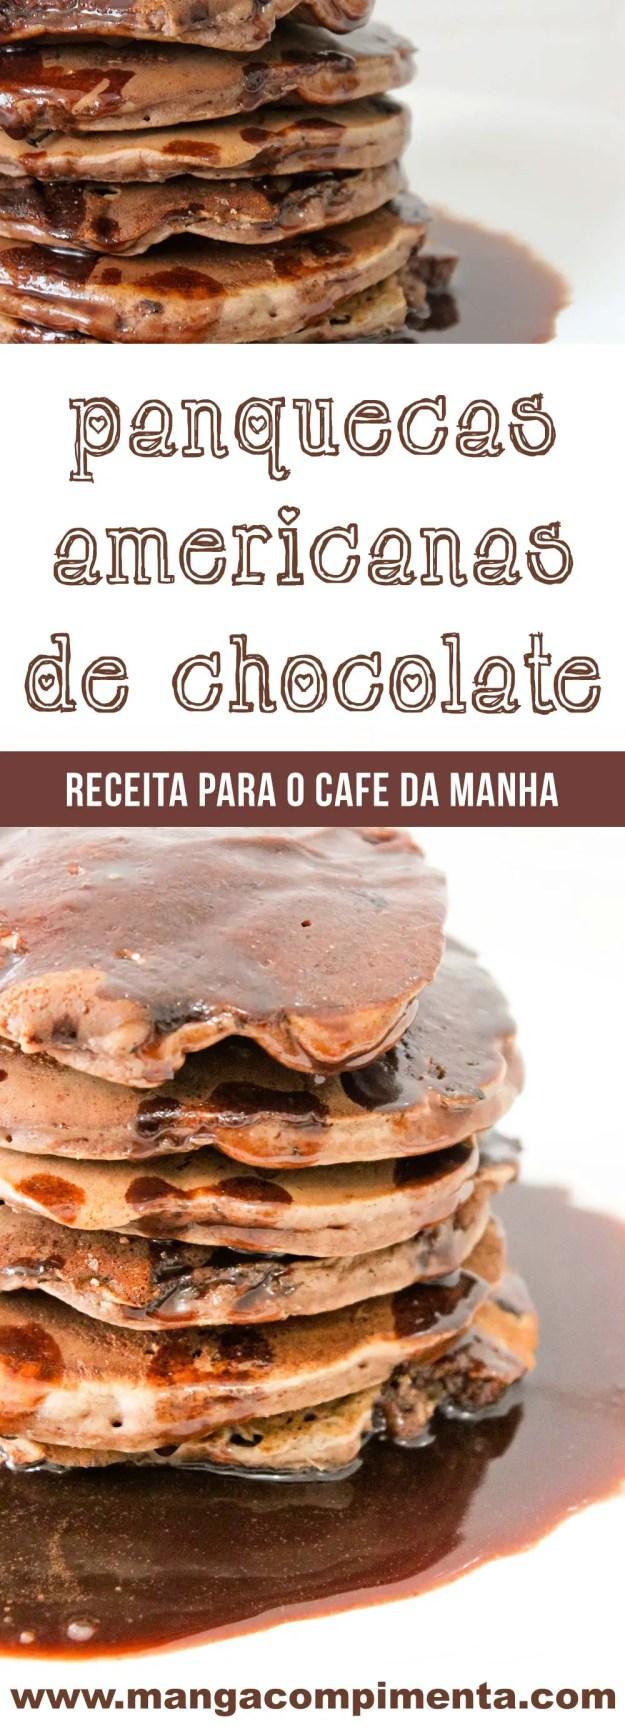 Panquecas Americanas de Chocolate   Uma delícia com bastante sabor para o café da manhã!